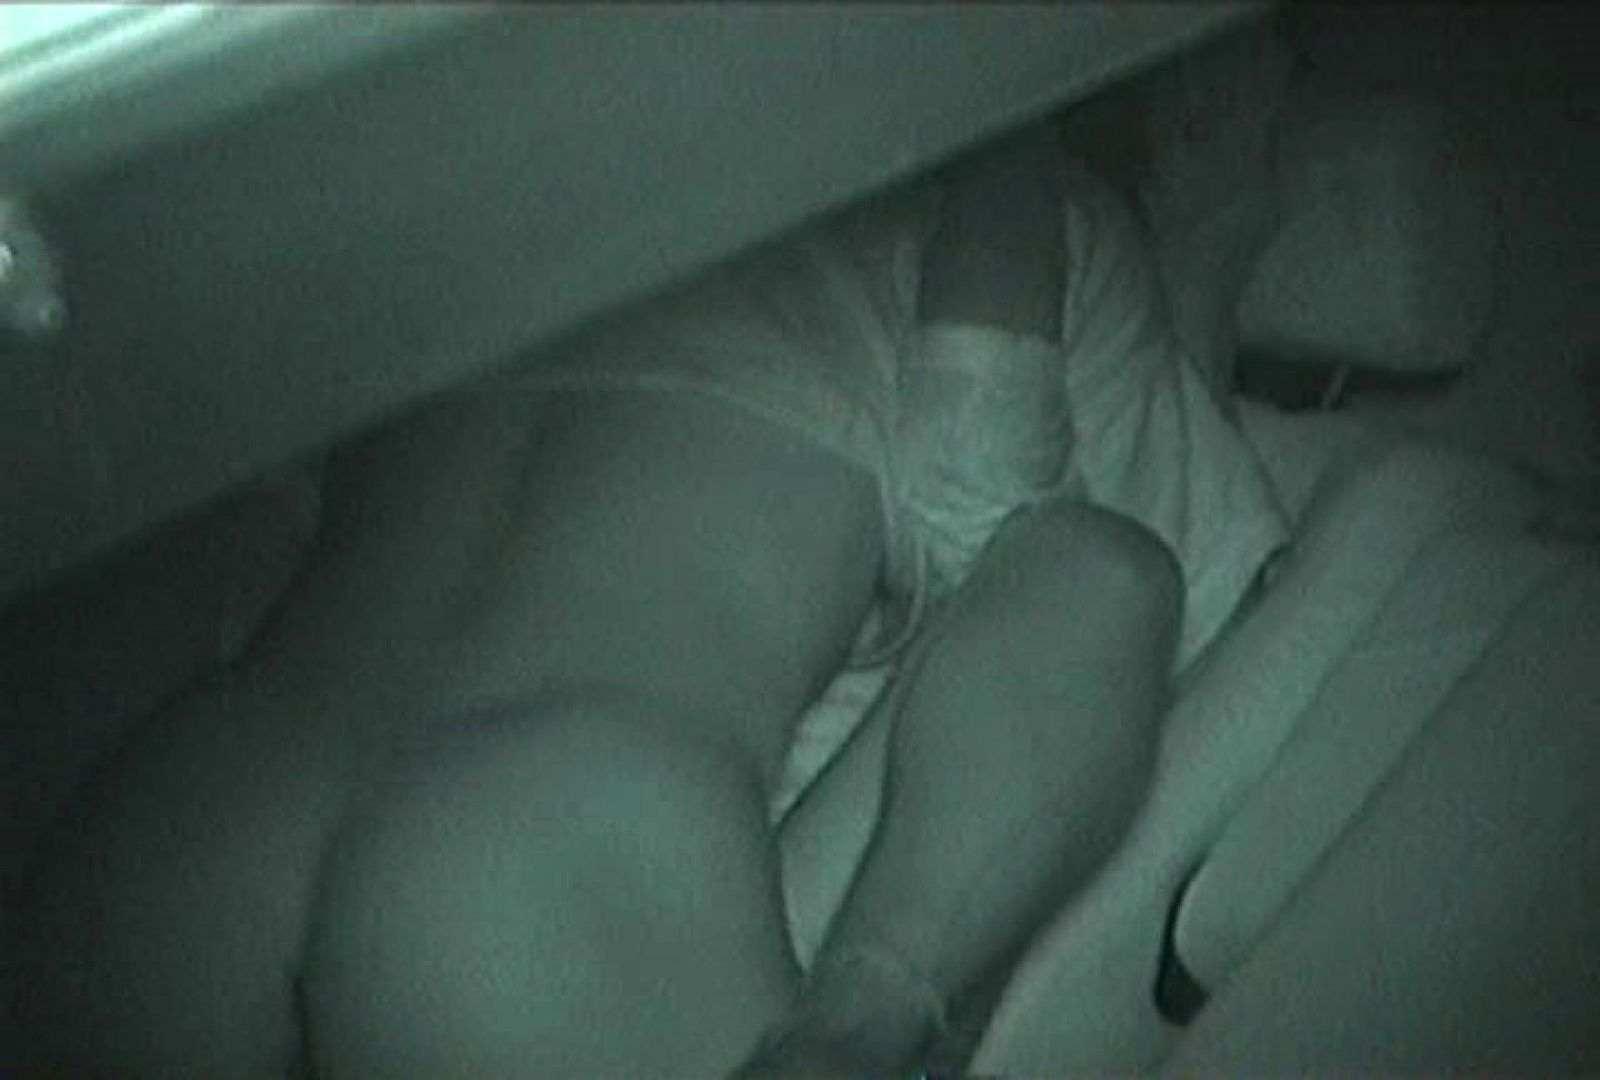 充血監督の深夜の運動会Vol.99 ギャルのエロ動画 | カップル盗撮  87画像 13